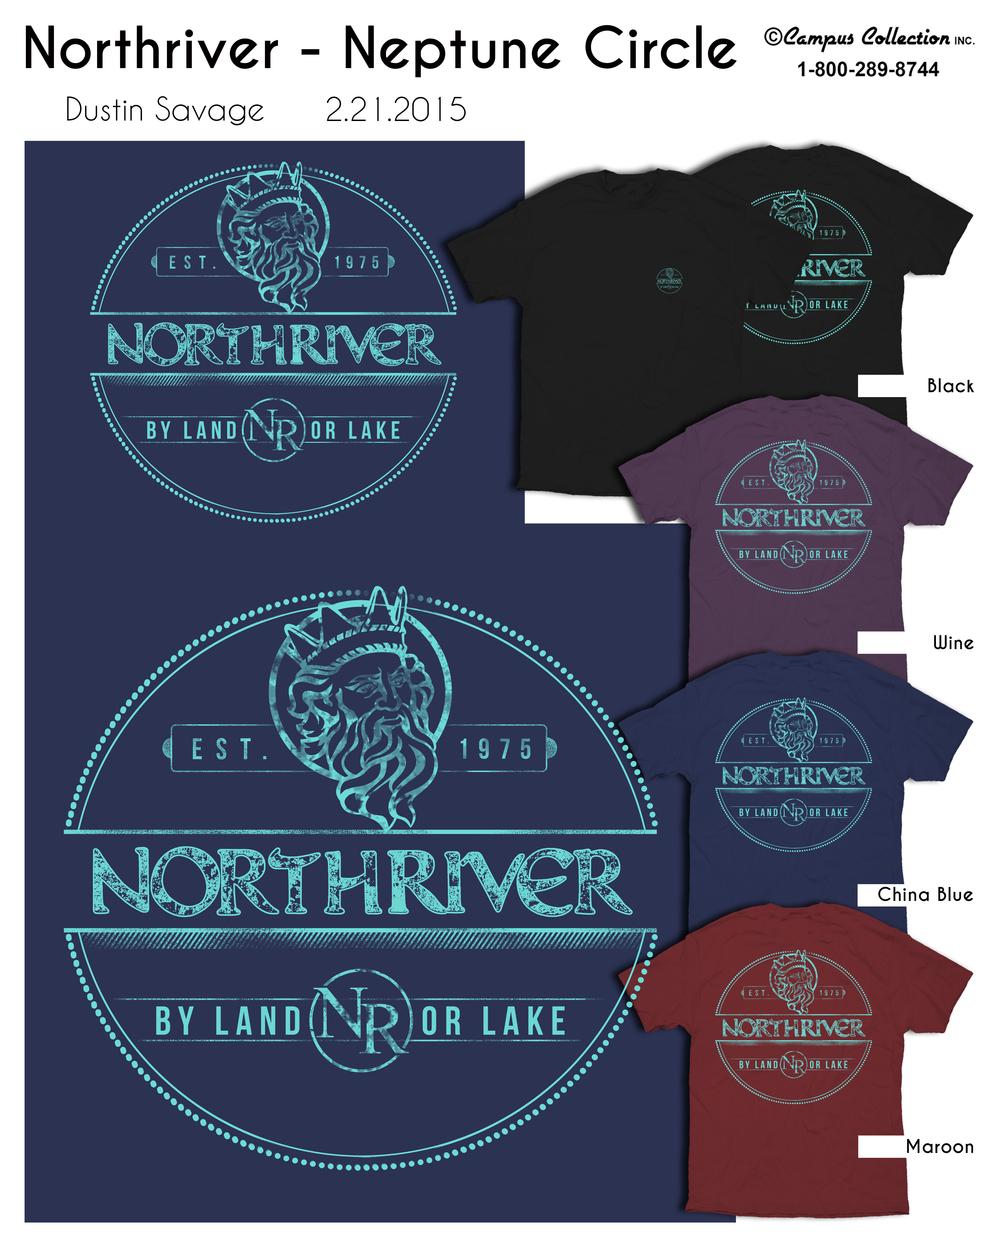 Northriver_Neprune Circle.jpg